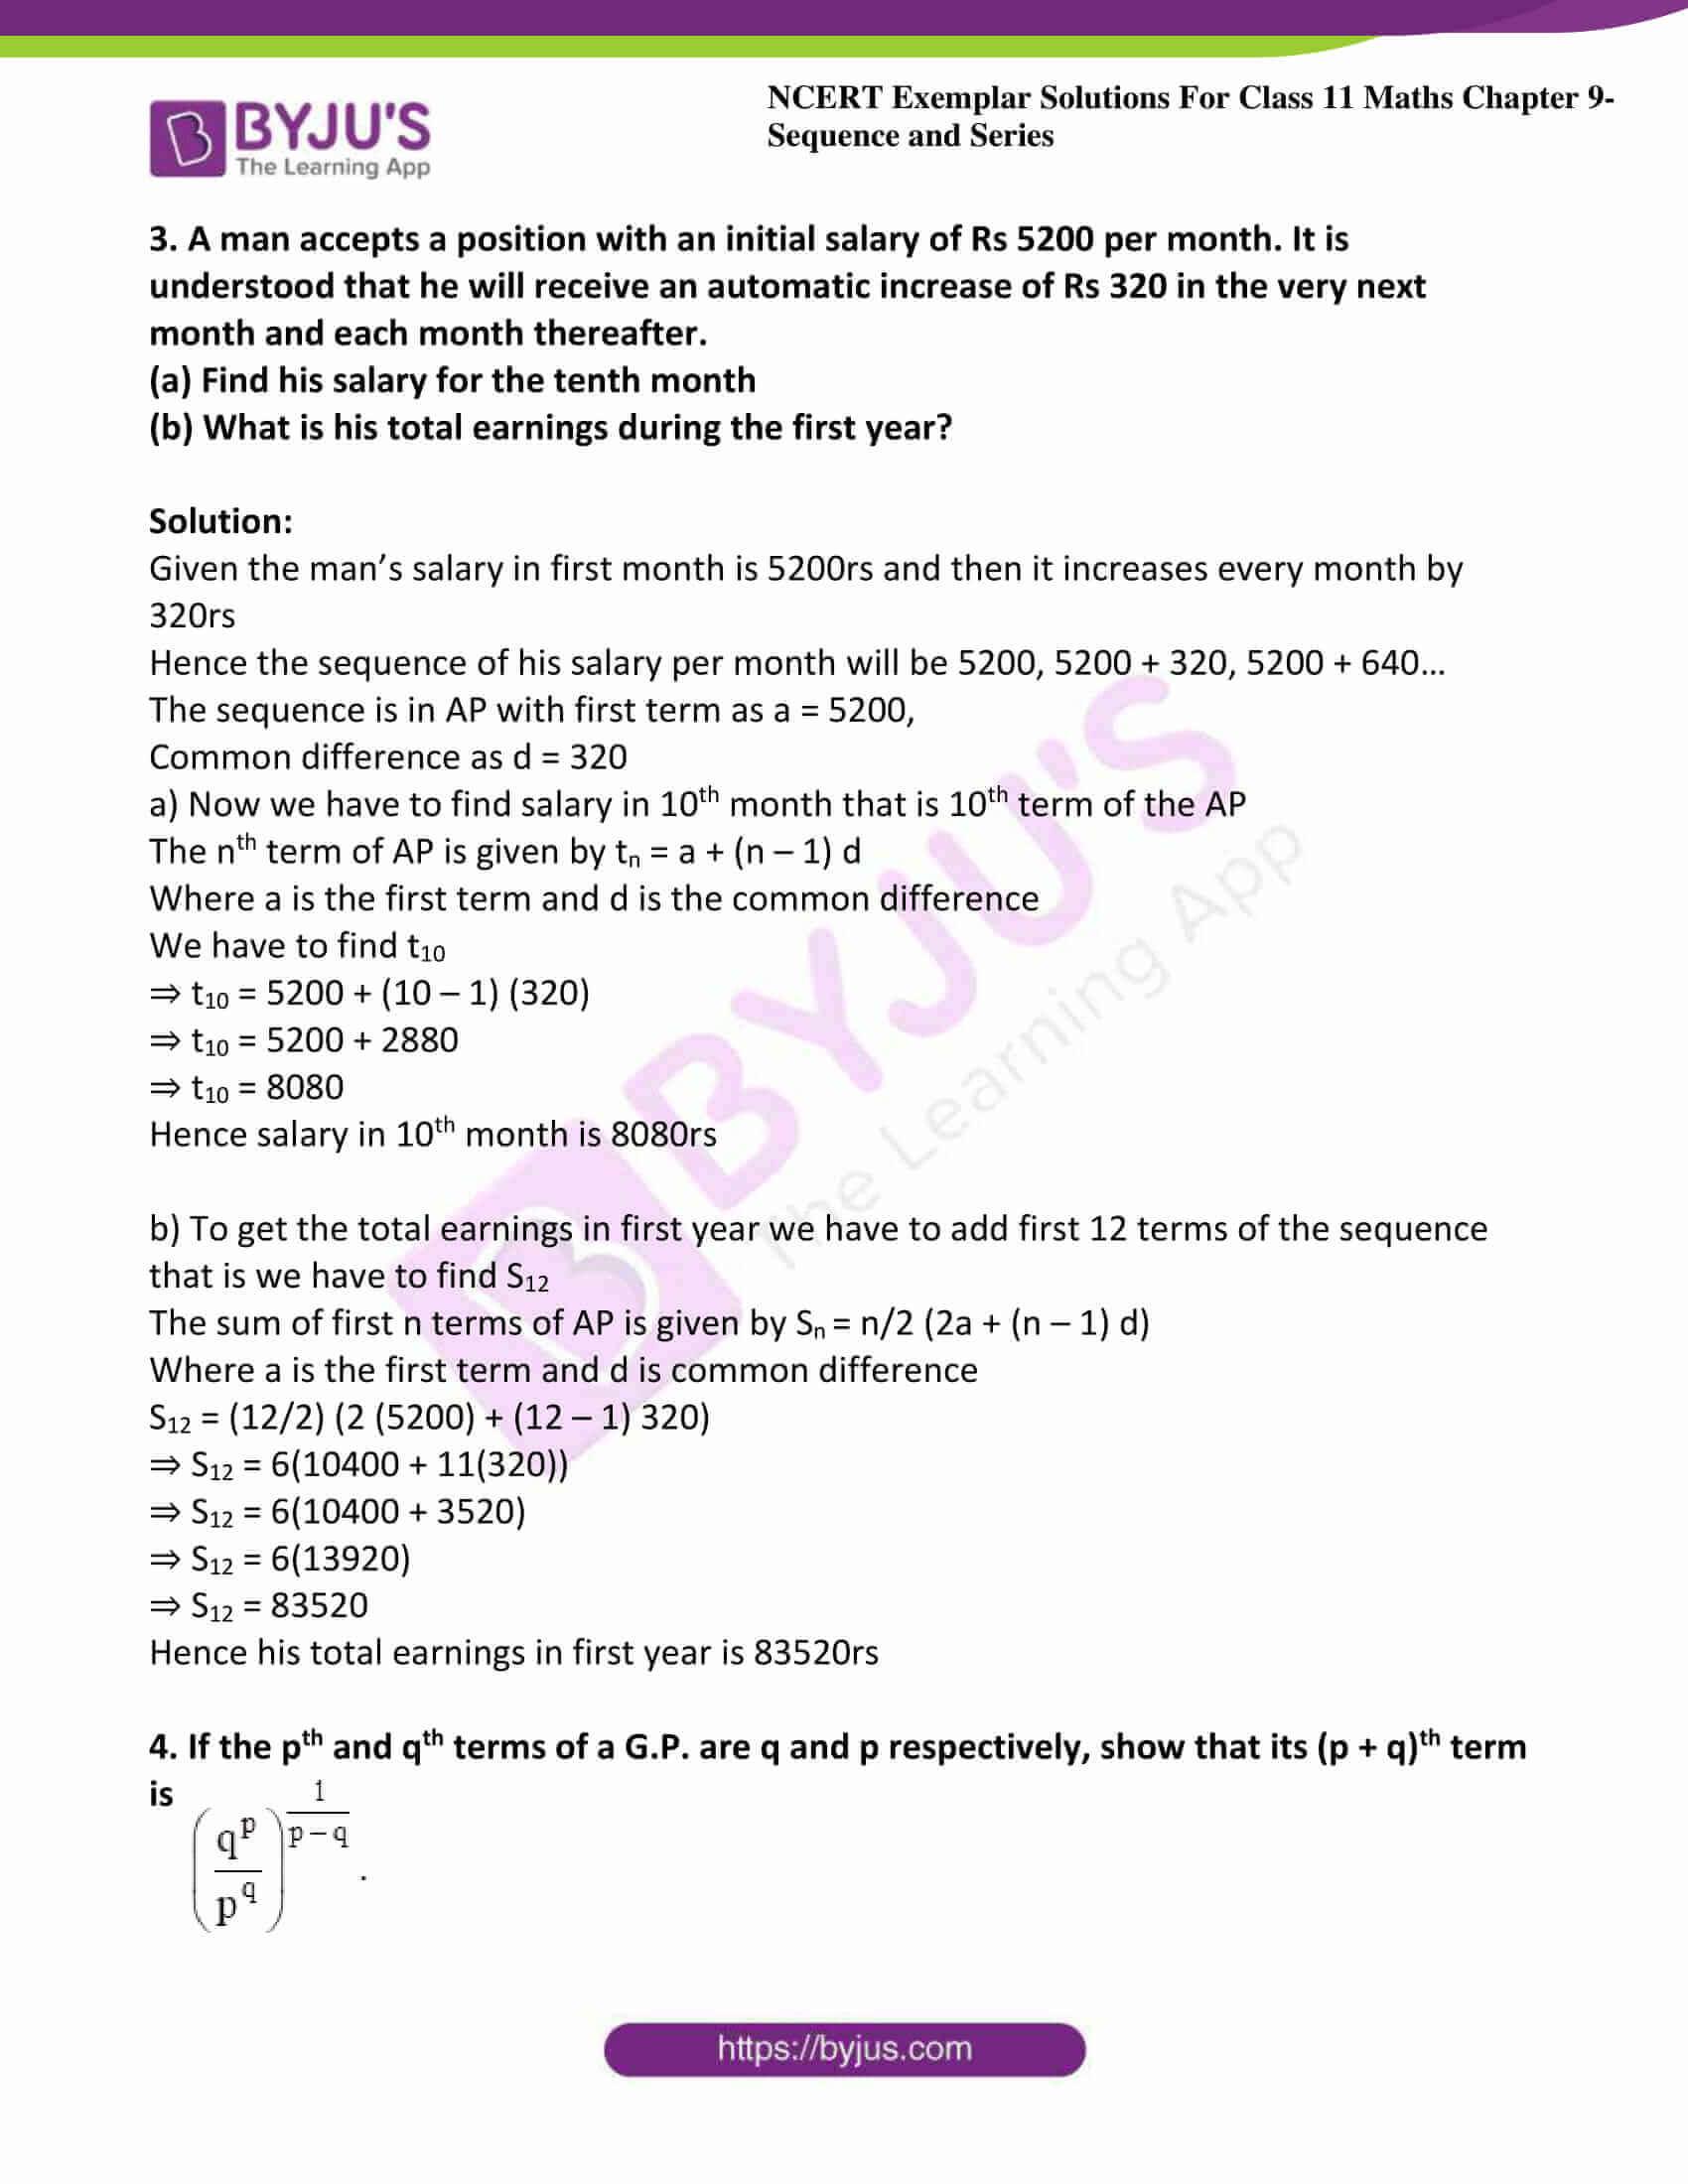 ncert exemplar sol class 11 maths chpt 9 sequence 03